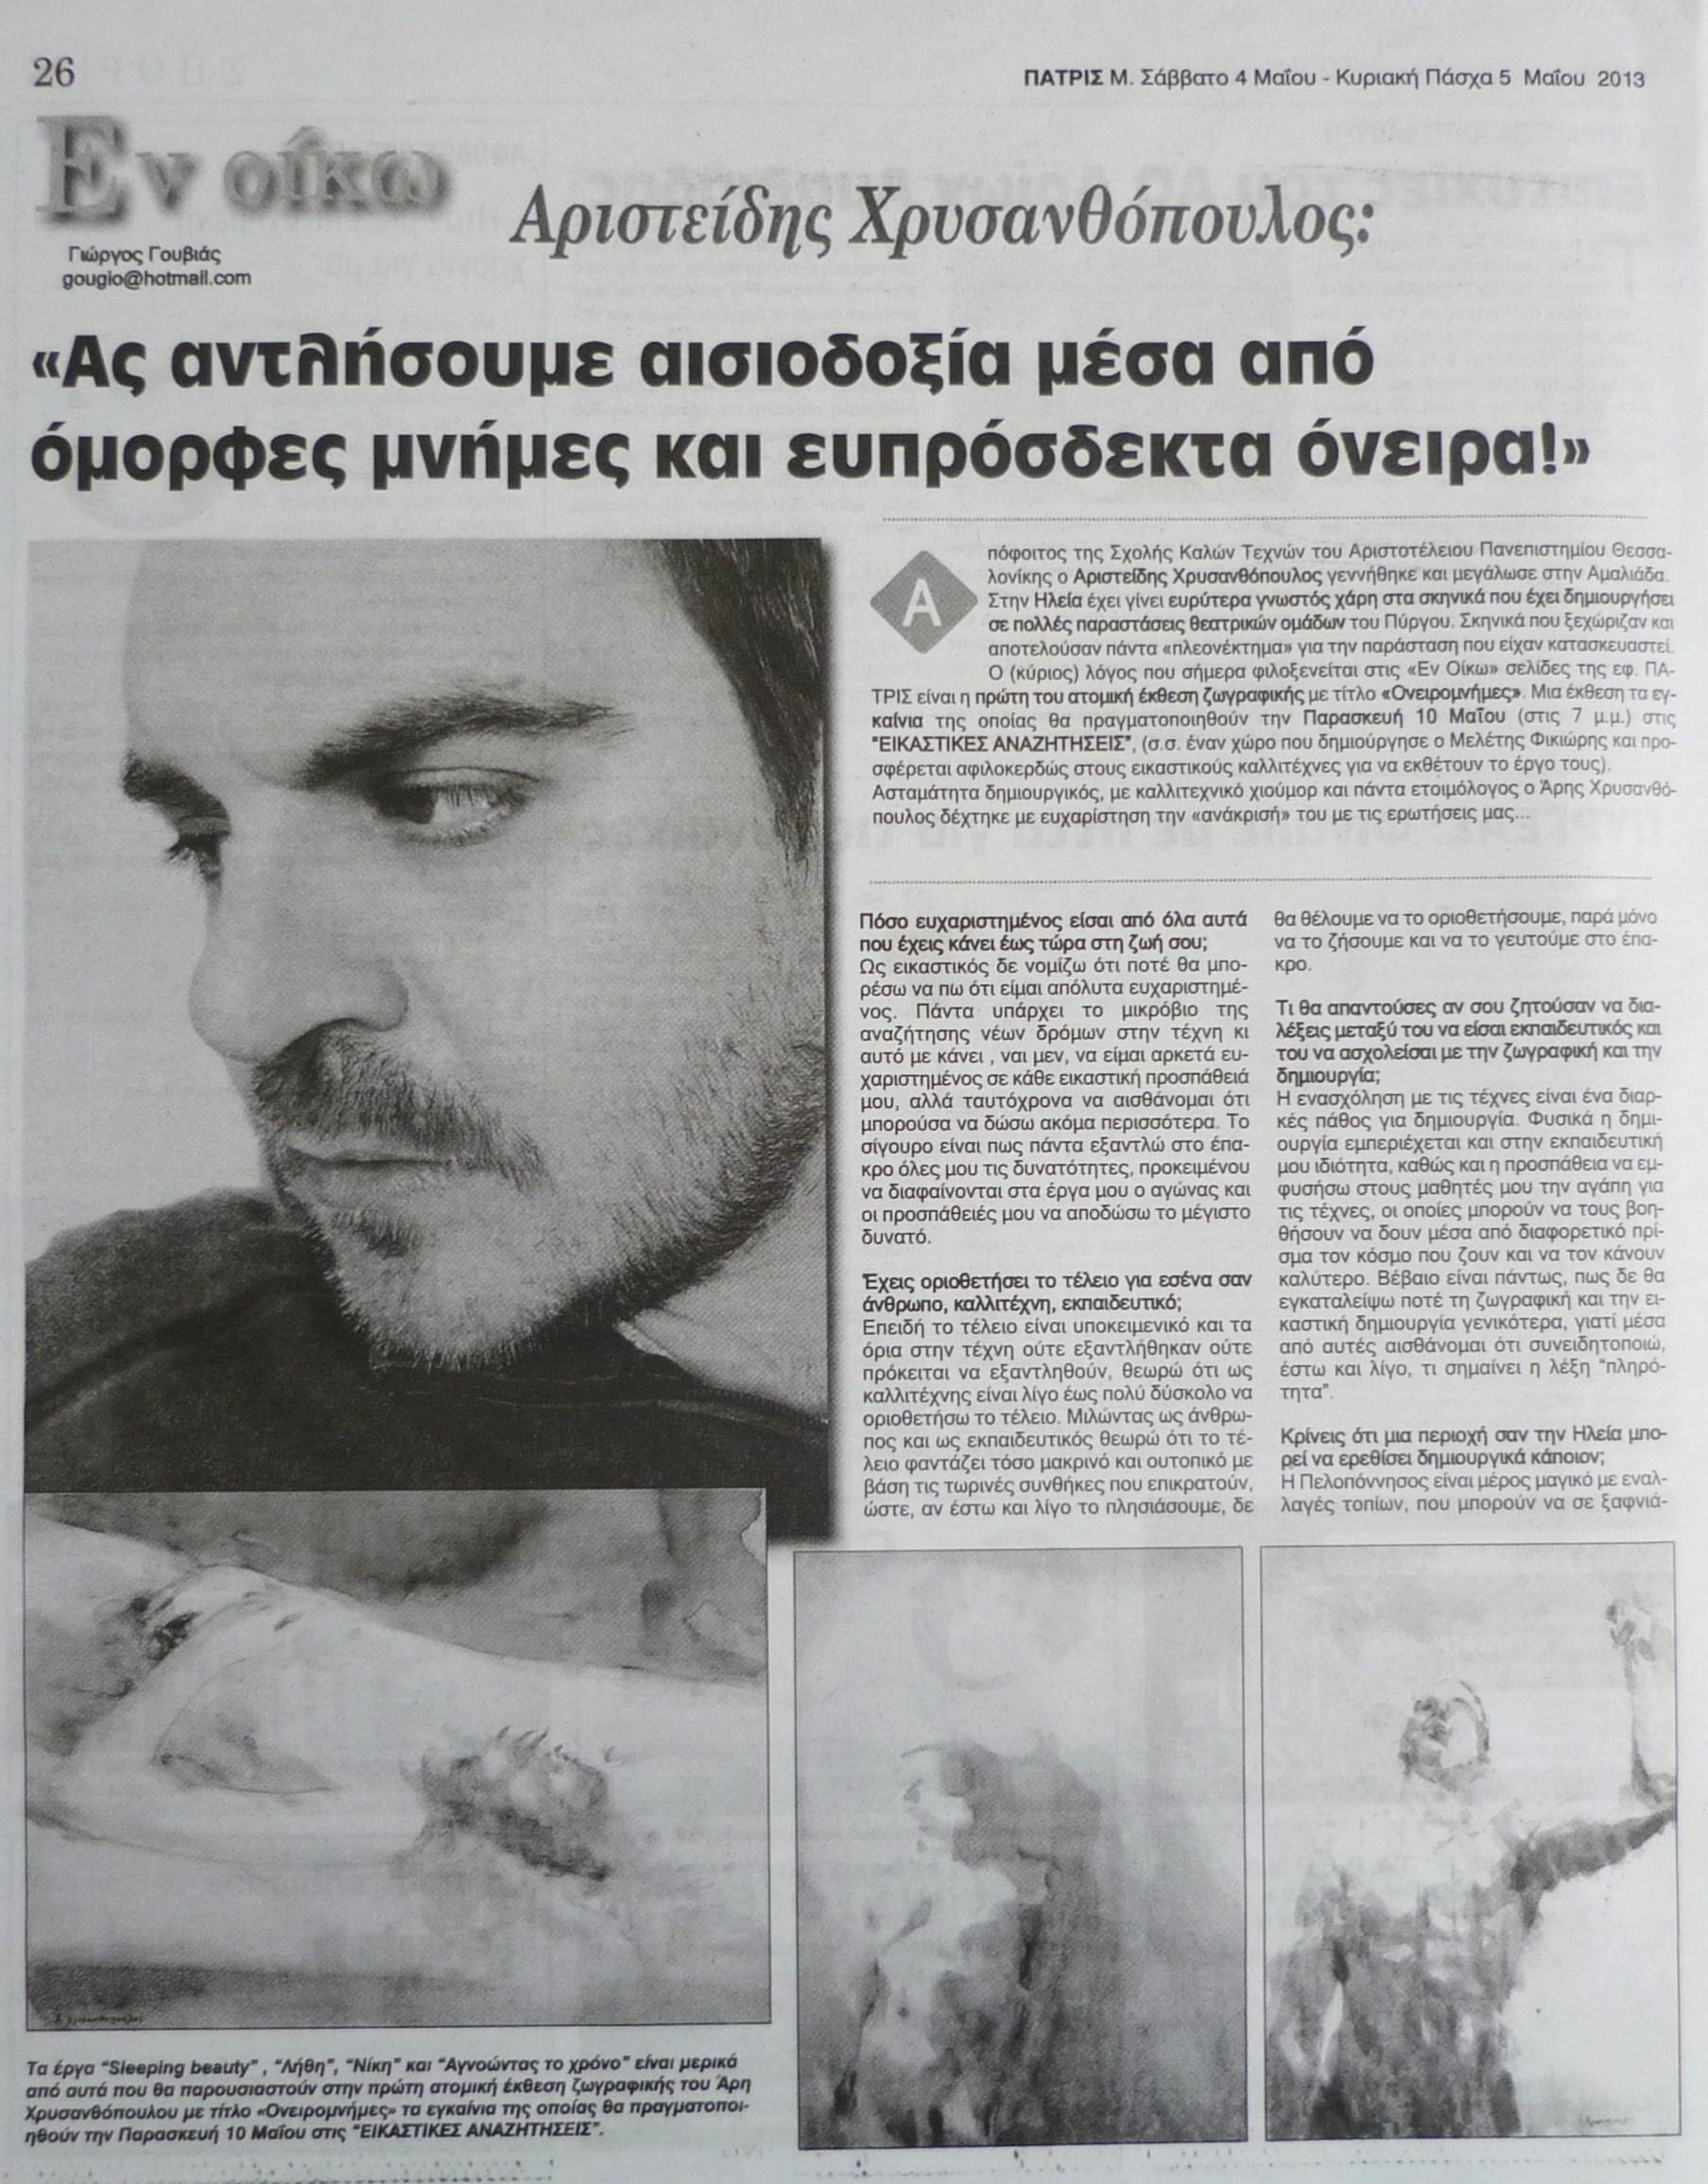 Εφημερίδα ΠΑΤΡΙΣ, 04-05-2013 (1)